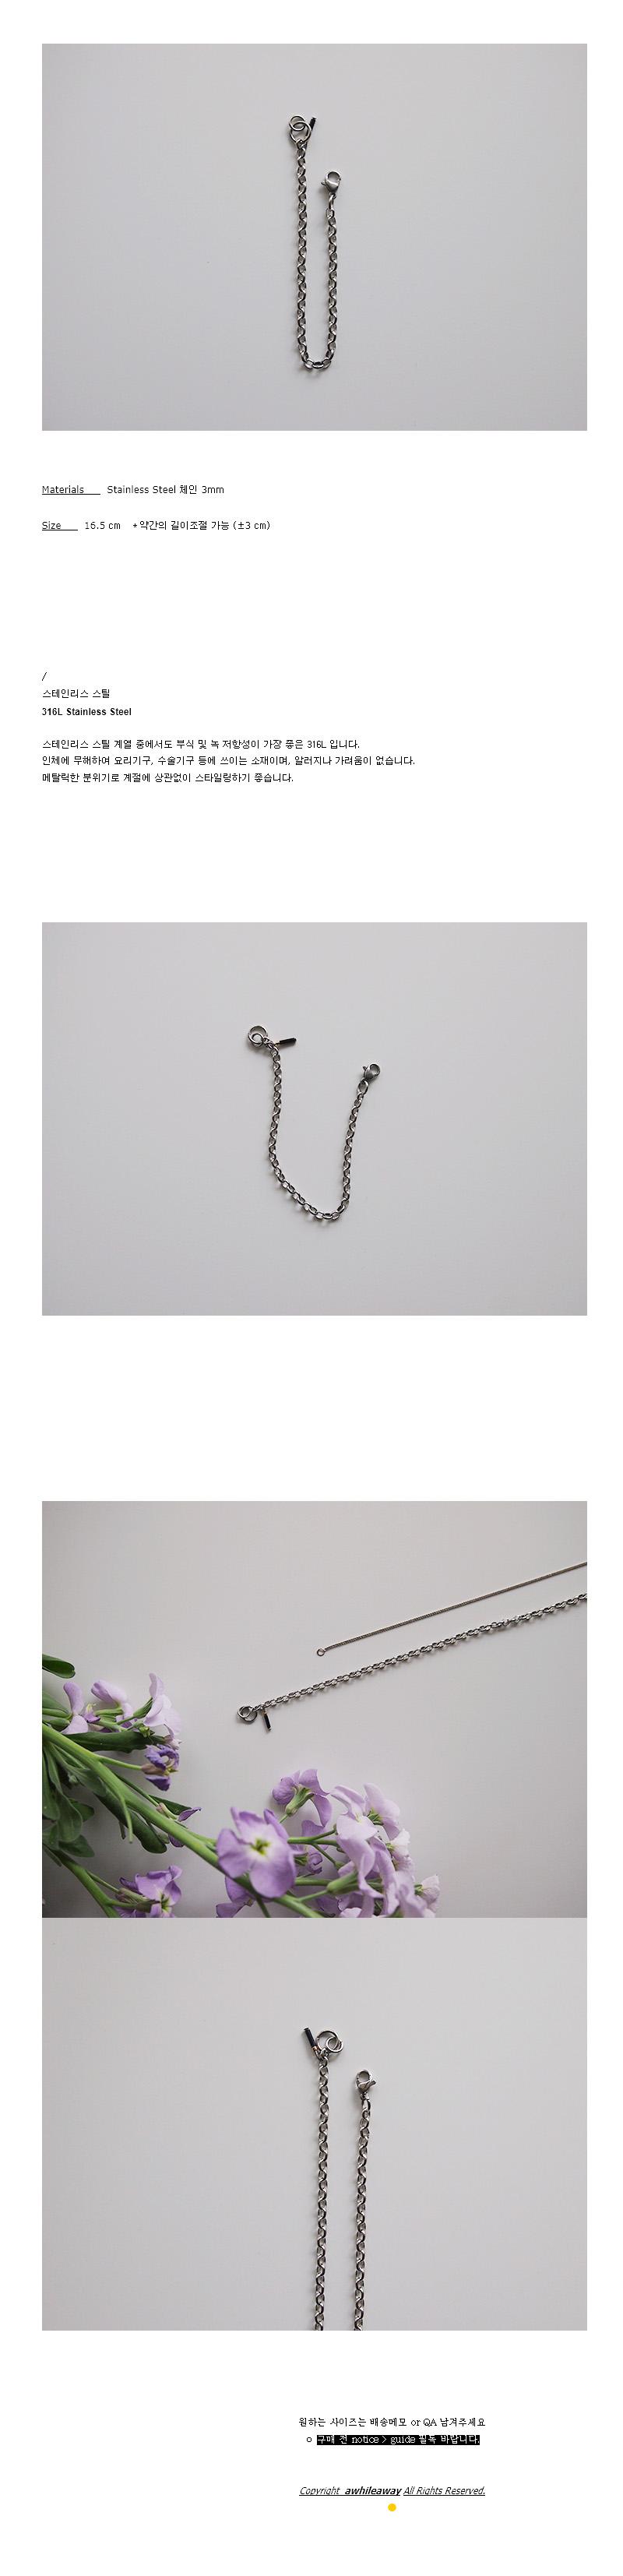 bcbl_br - 어와일어웨이, 12,000원, 팔찌, 패션팔찌